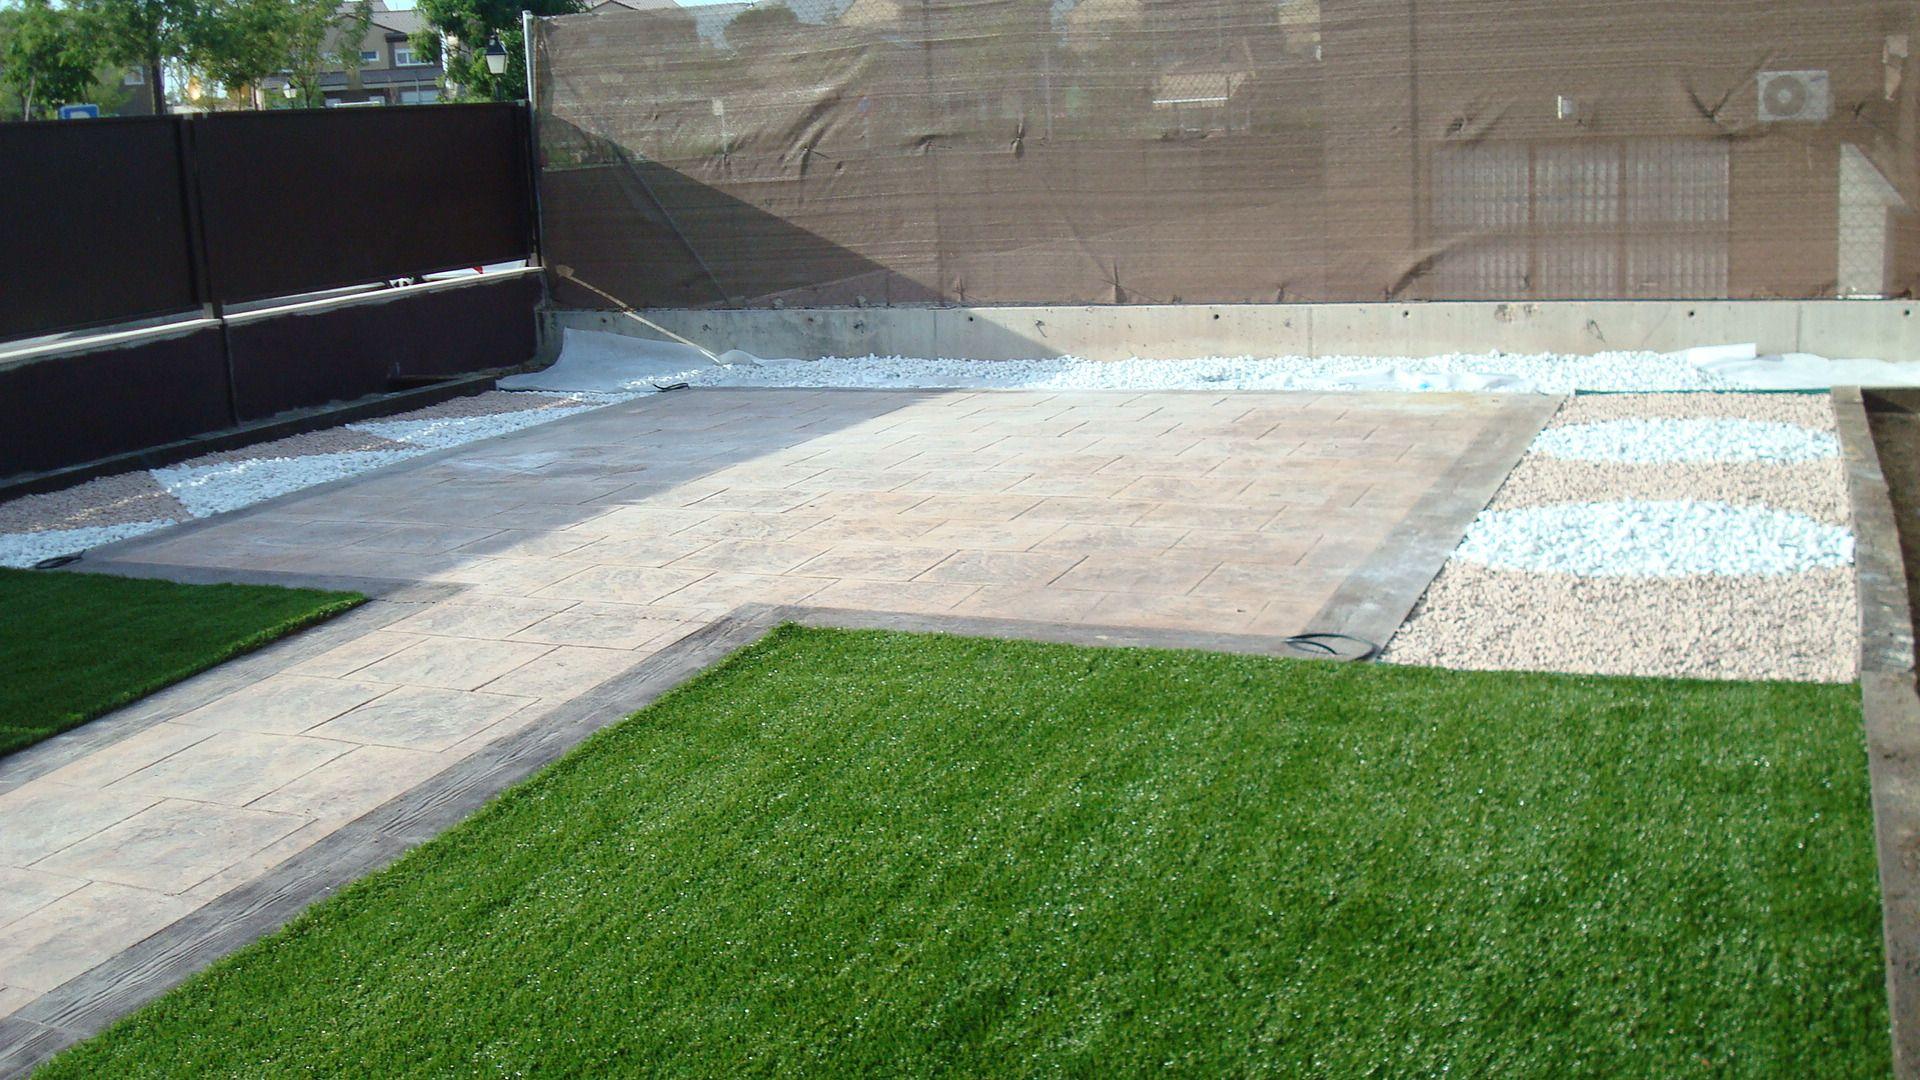 jardin con cesped artificial y decoracion con canto rodado blanco y ...